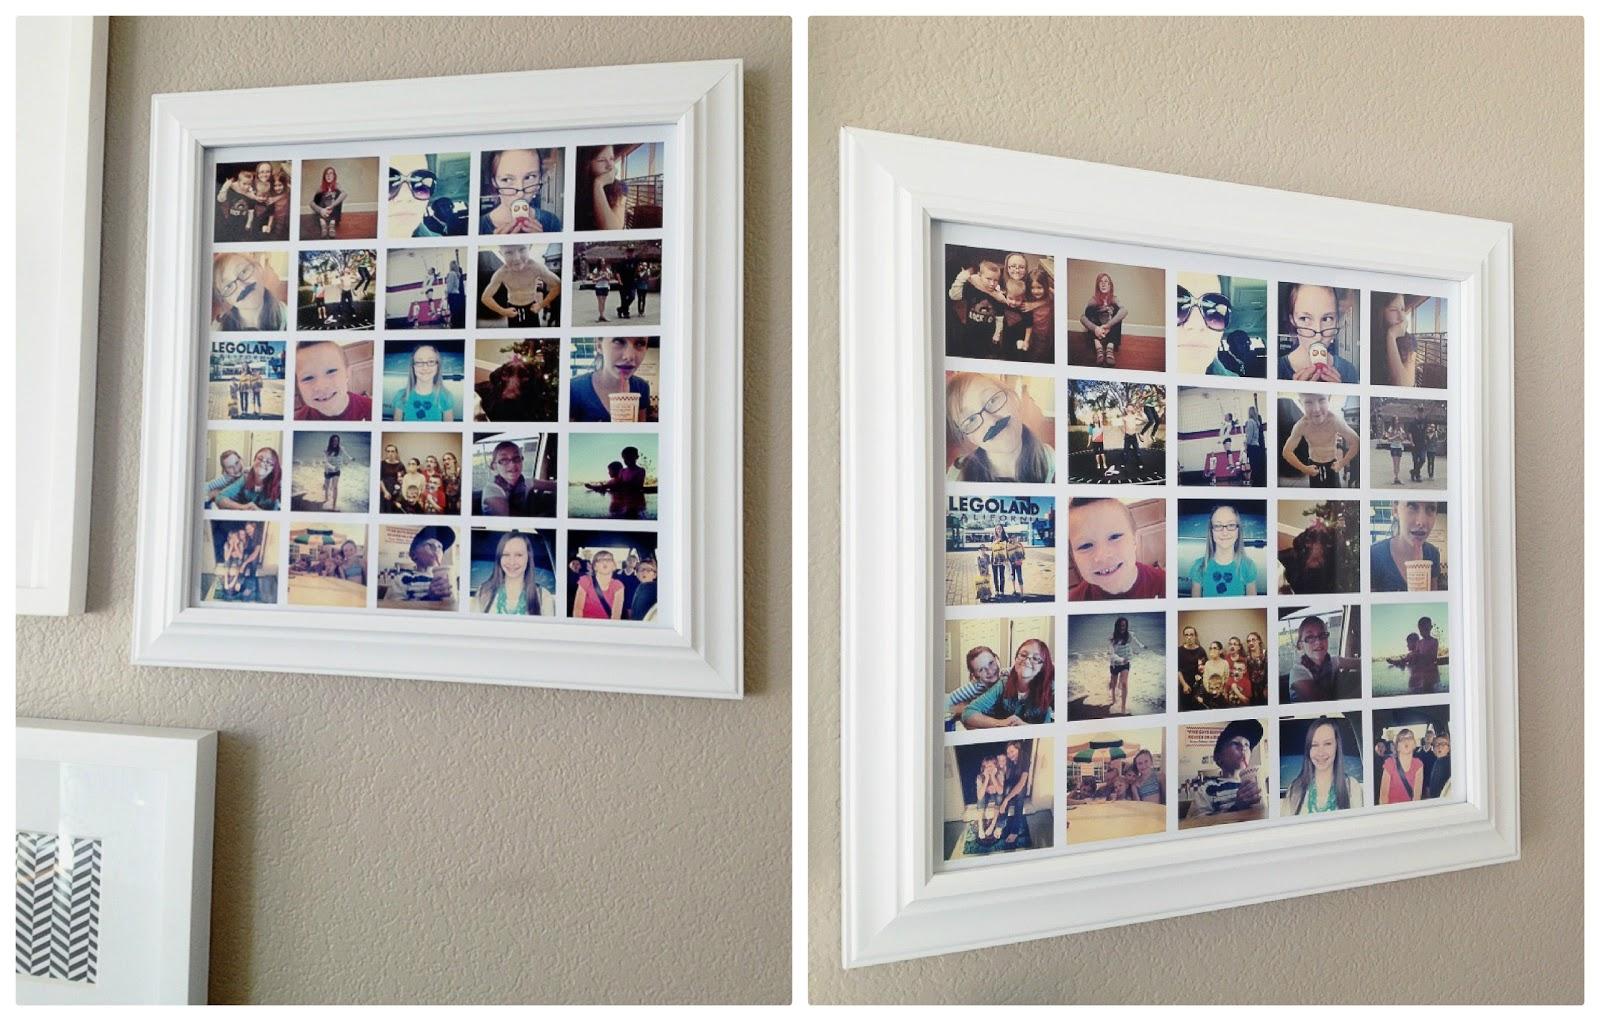 Как красиво оформить фото Как оформить фотографии в подарок в рамке